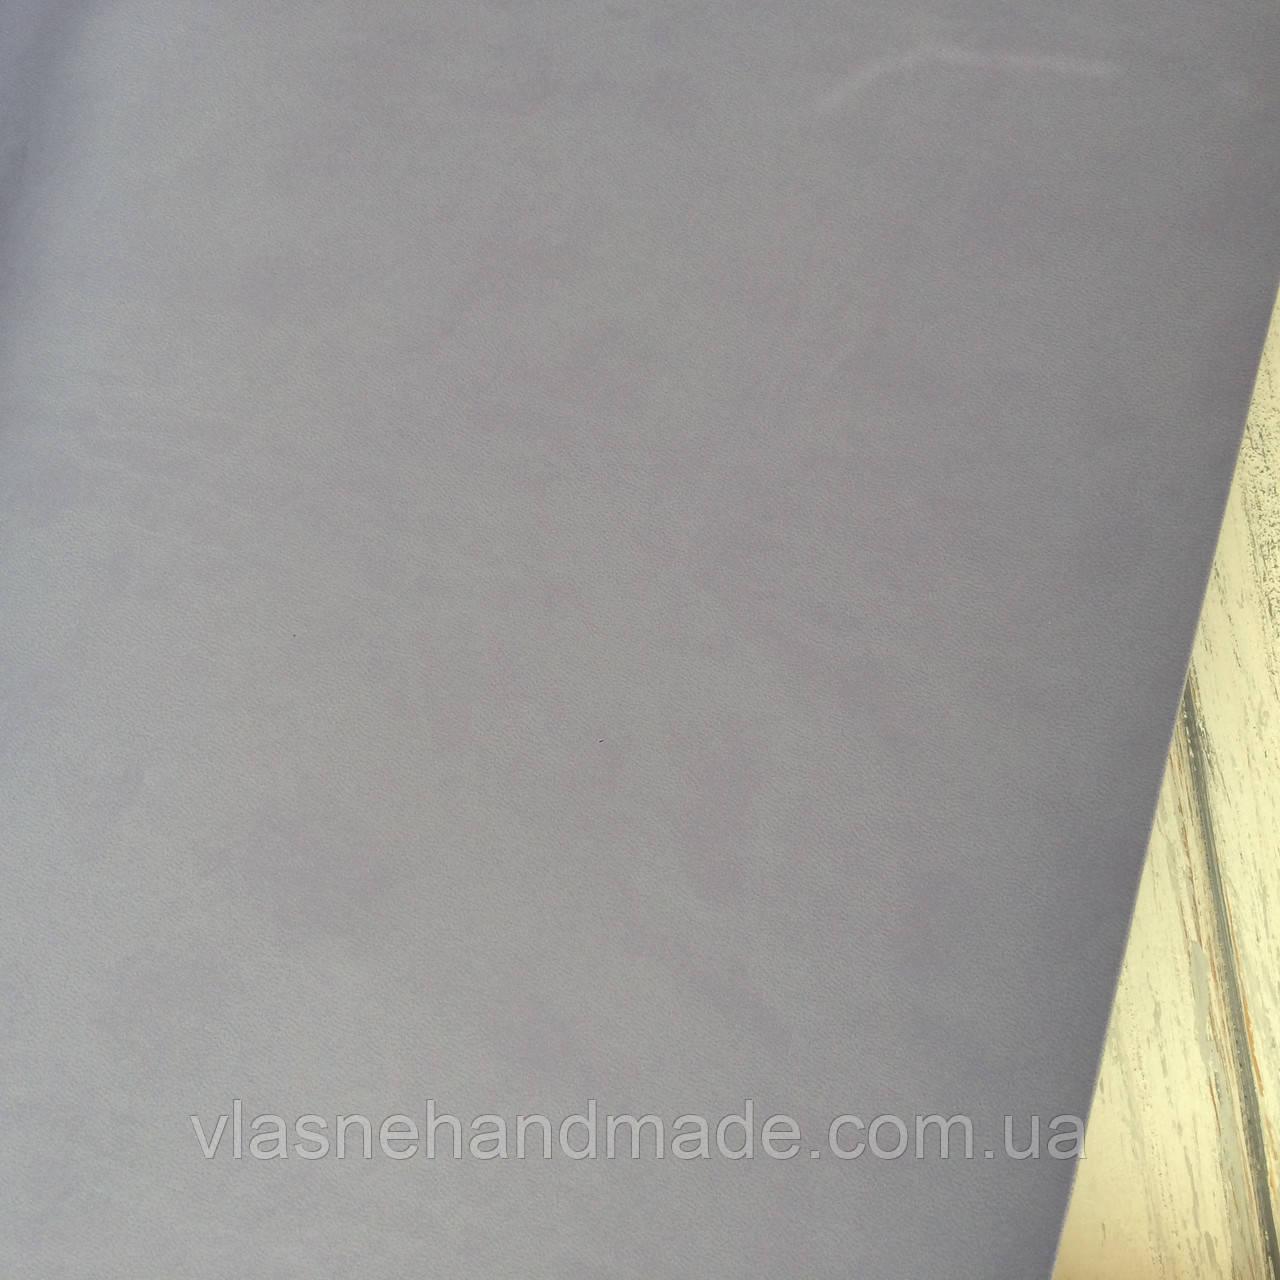 НЕФОРМАТ АБО НЕВЕЛИКИЙ БРАК!! Шкірзамінник палітурний - фіолетово-бузковий - 18,5х25 см